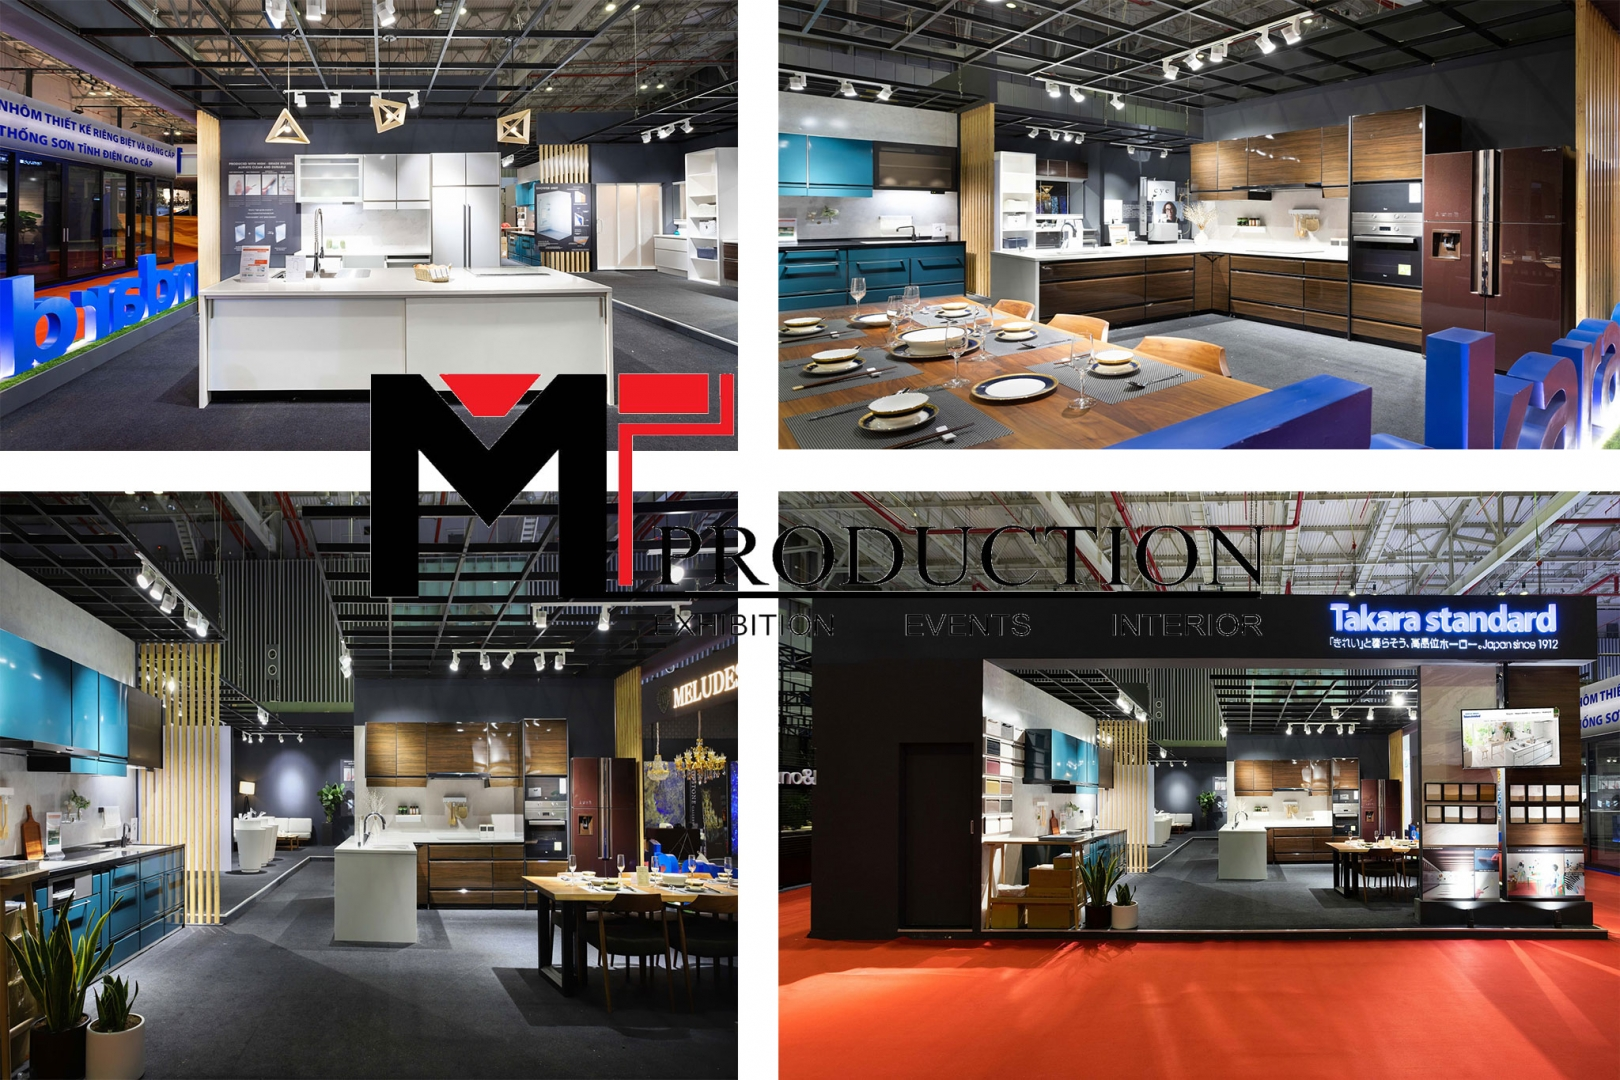 MT-PRODUCTION – Tiếp Bước Thành Công Cùng Doanh Nghiệp Tại Các Kỳ Hội Chợ Triển Lãm Thương Mại